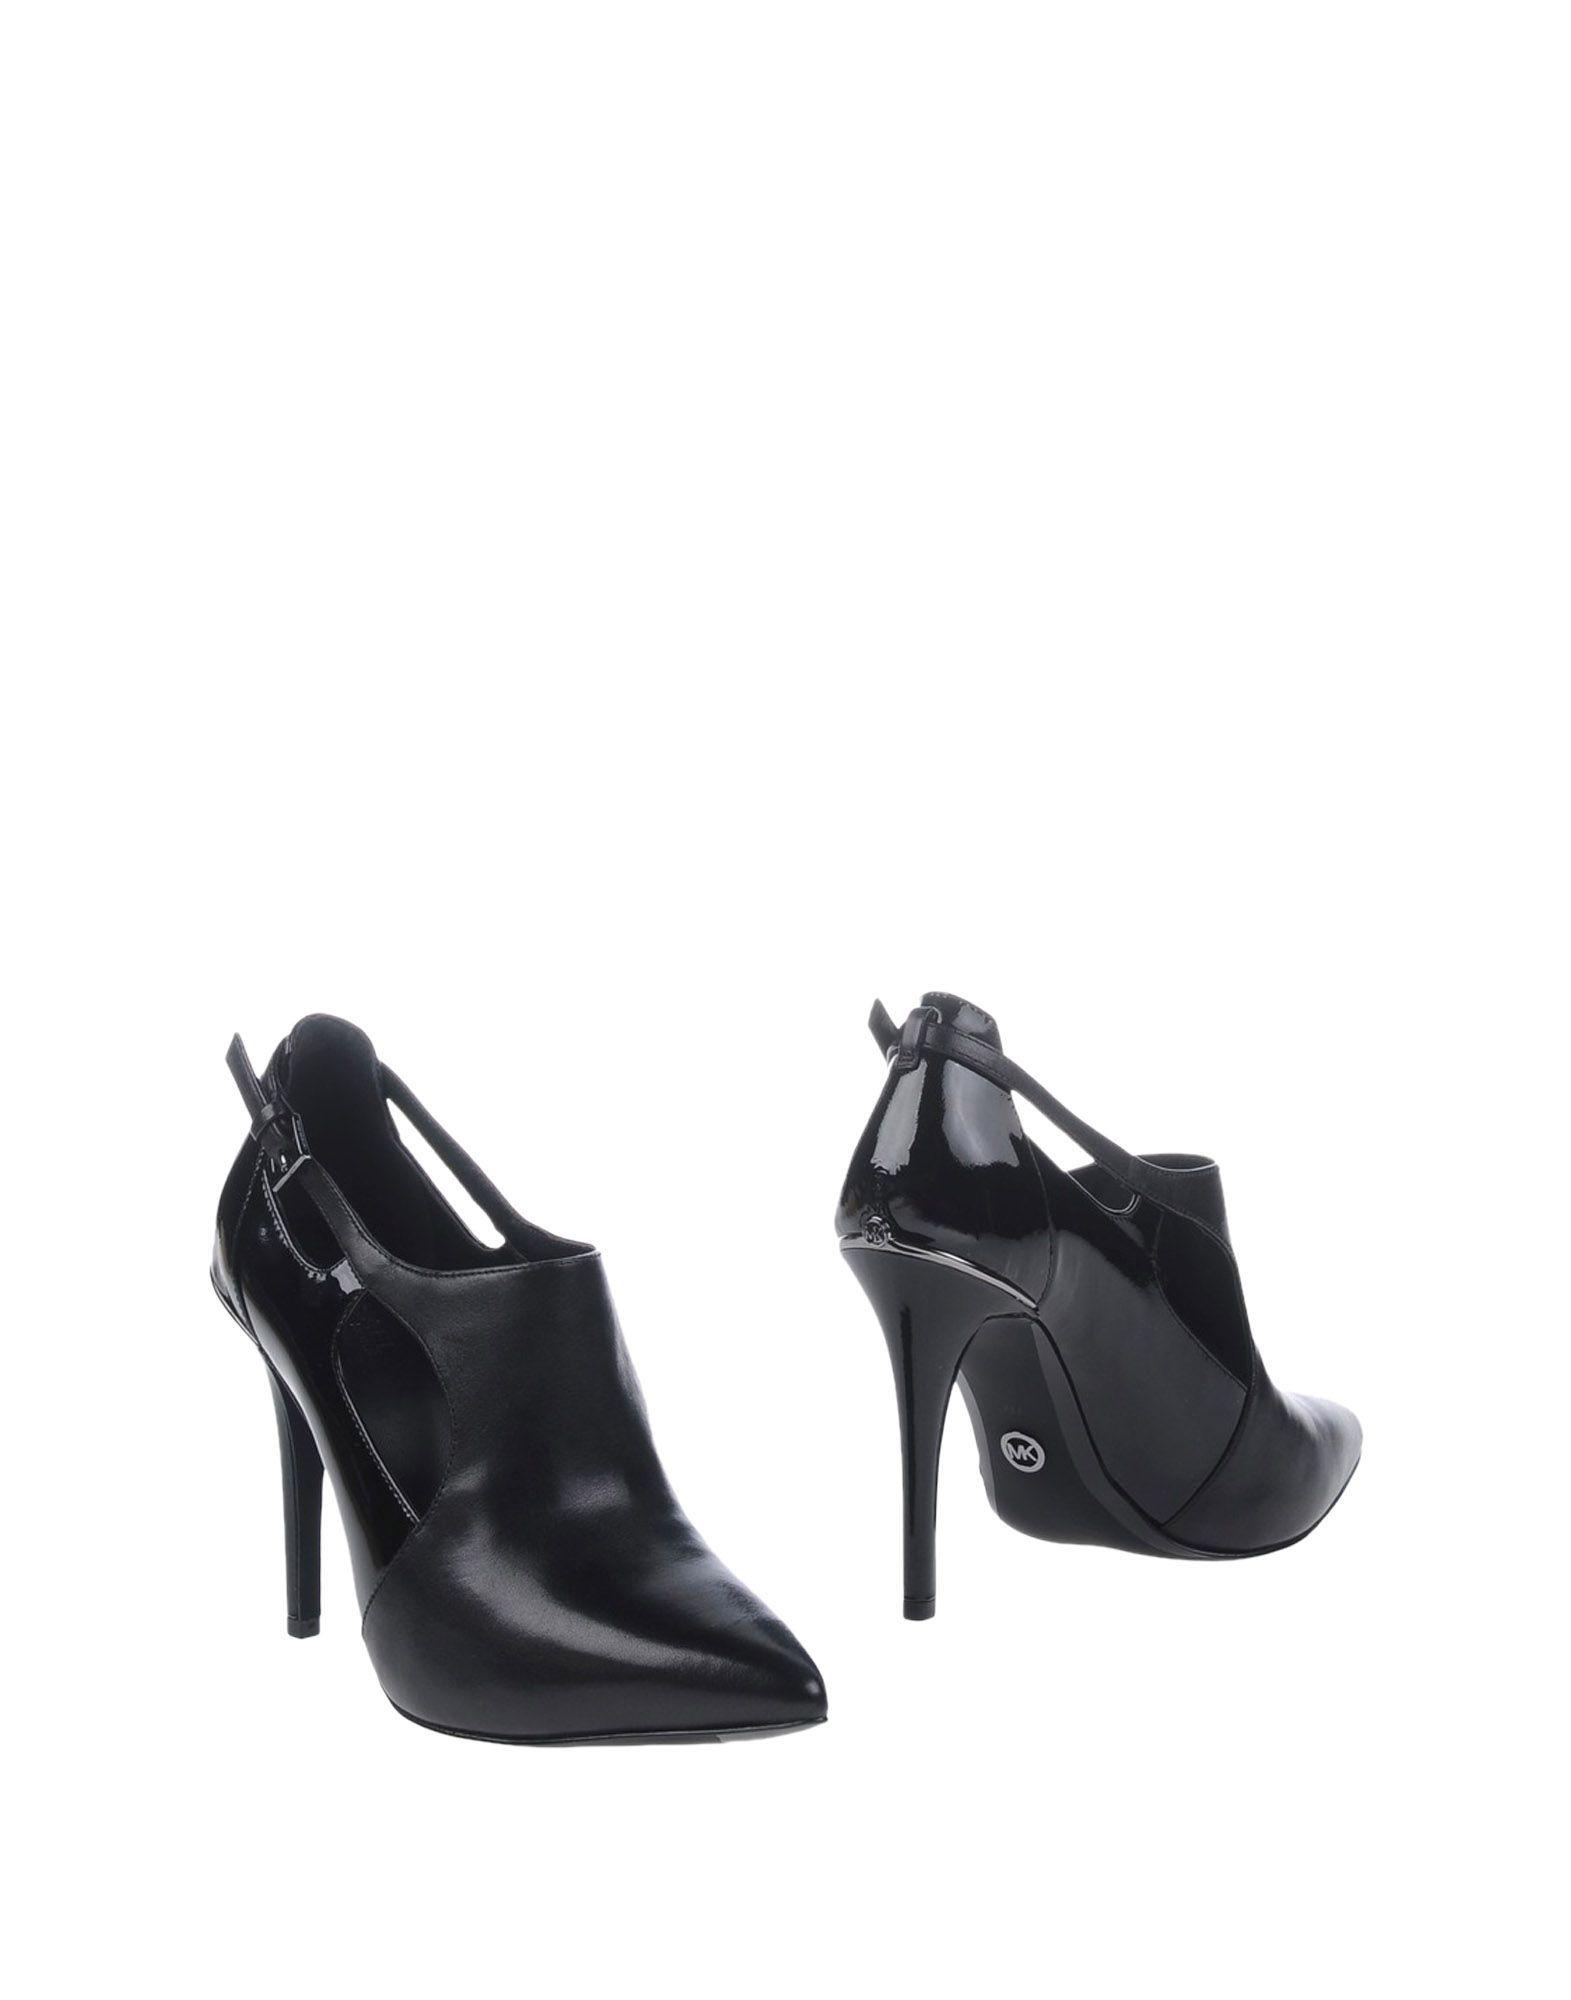 Footwear Michael Michael Kors Black Women's Leather